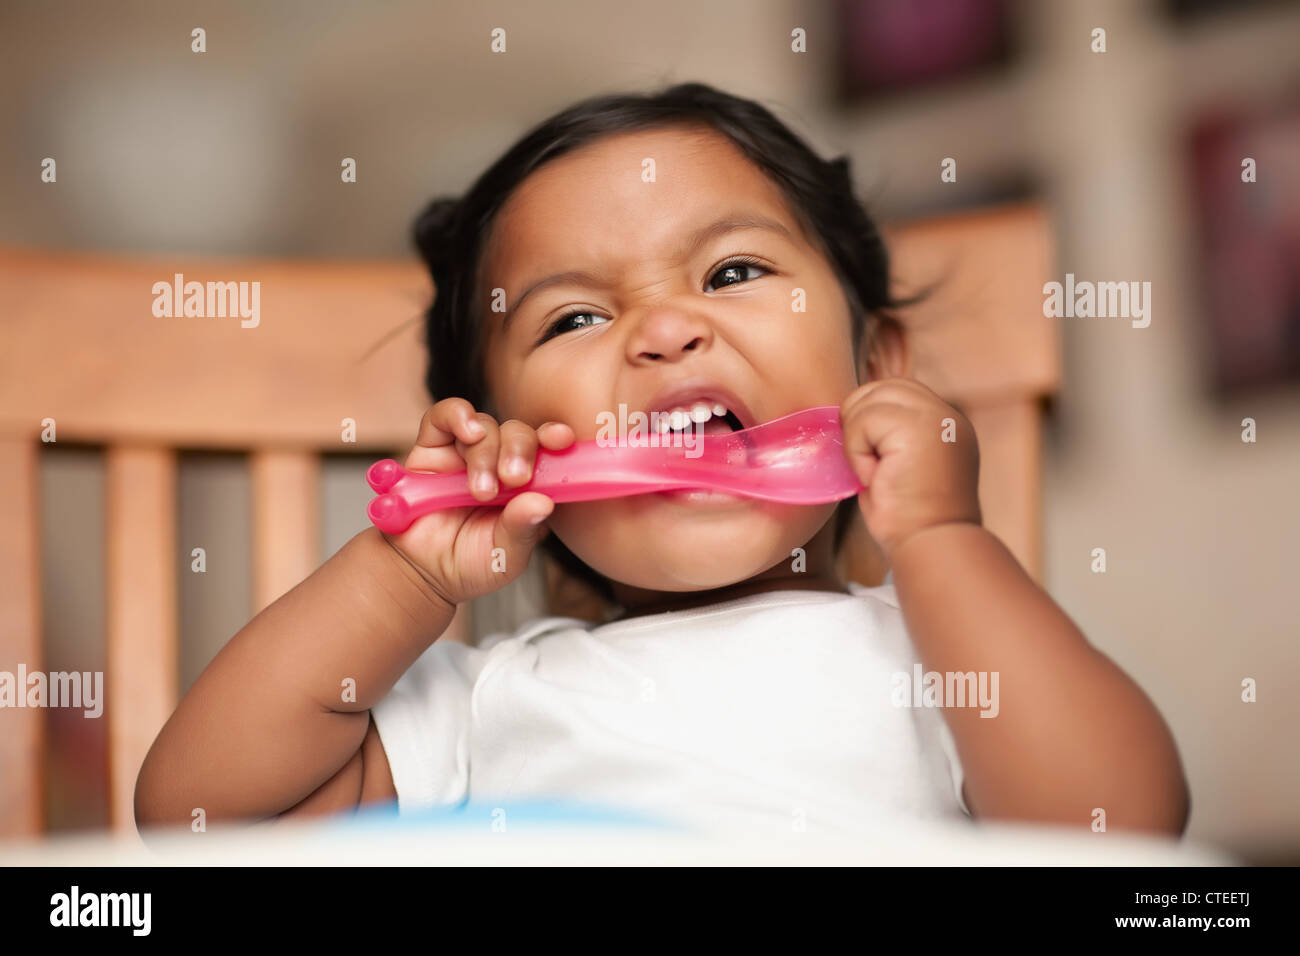 Bébé affamé de mettre une cuillère à sa bouche et il mordant Photo Stock